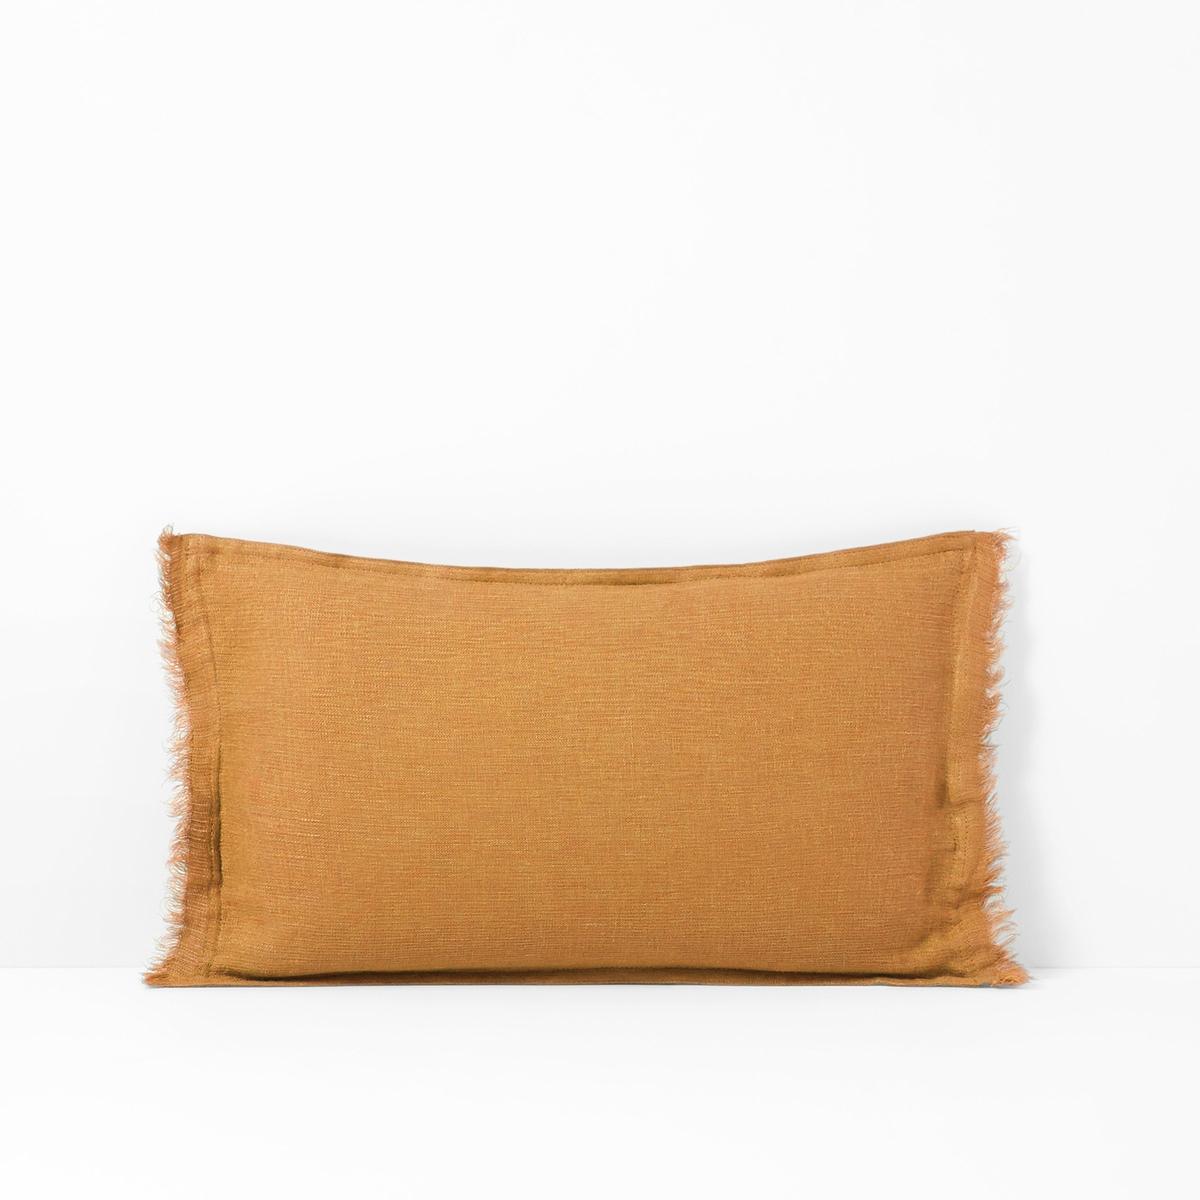 Чехол на подушку из стиранного льна Qualit? Best LINANGEОписание:Натуральный материал и изысканные цвета, однотонный чехол на подушку Linange Qualit? Best отлично сочетается с однотонным или разноцветным постельным бельем в спальне или гостиной. Характеристики льняного чехла для подушки Linange:- качество Qualit? Best.- 100 % стираный лен.- отделка бахромой с 2 сторон..    Размеры чехла для подушки Linange:50 x 30 см. Всю коллекцию Linange и нашу коллекцию текстиля для интерьера Вы найдете на laredoute.ruЗнак Oeko-Tex® гарантирует, что товары прошли проверку и были изготовлены без применения вредных для здоровья человека веществ.<br><br>Цвет: охра